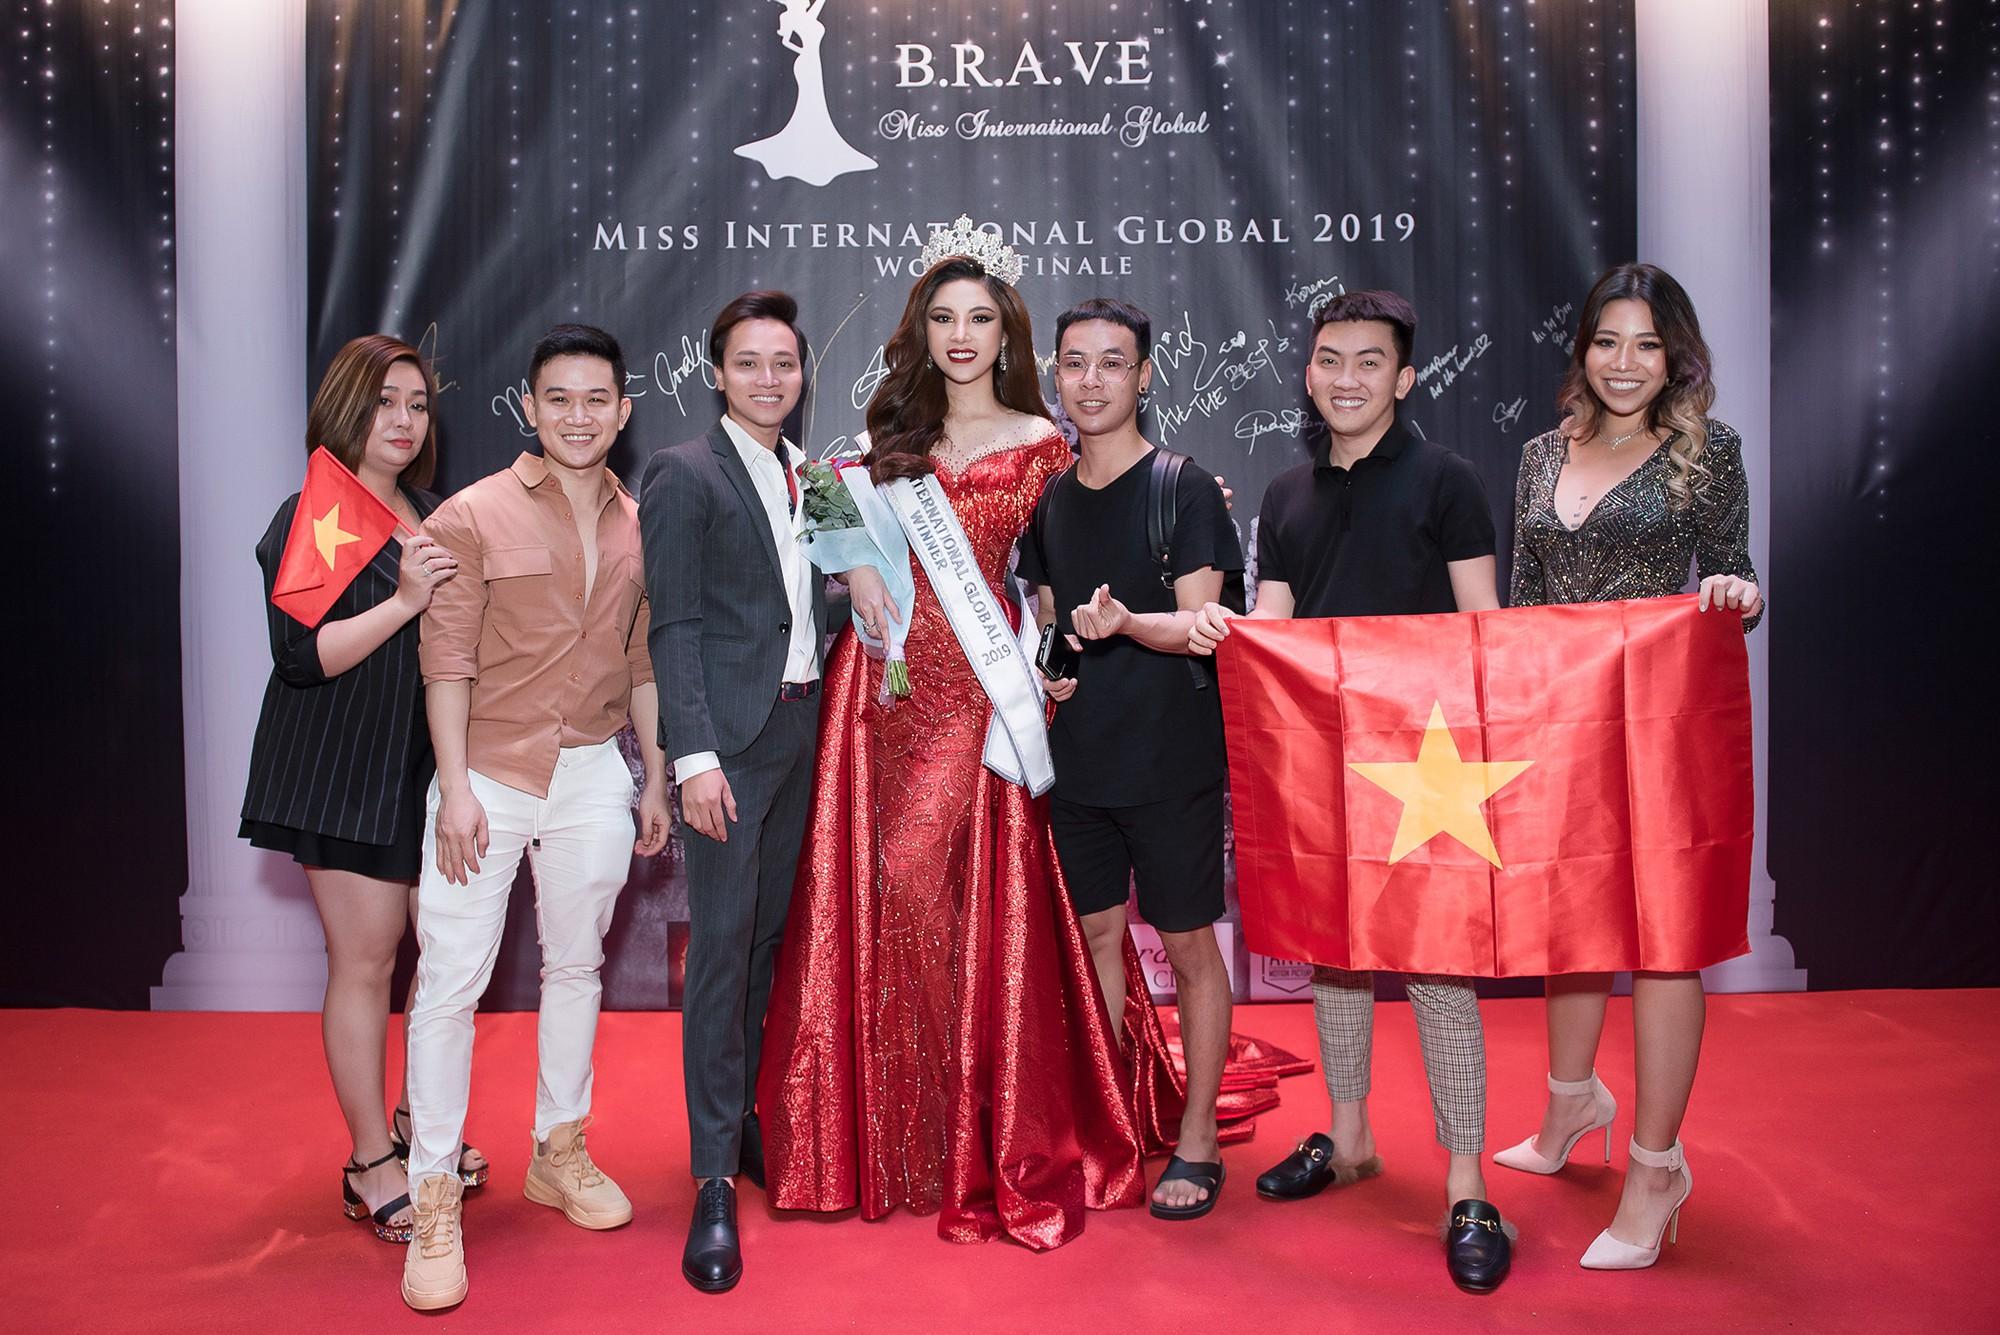 Người đẹp Bạc Liêu đăng quang Hoa hậu Quốc tế Toàn cầu 2019 - Ảnh 1.